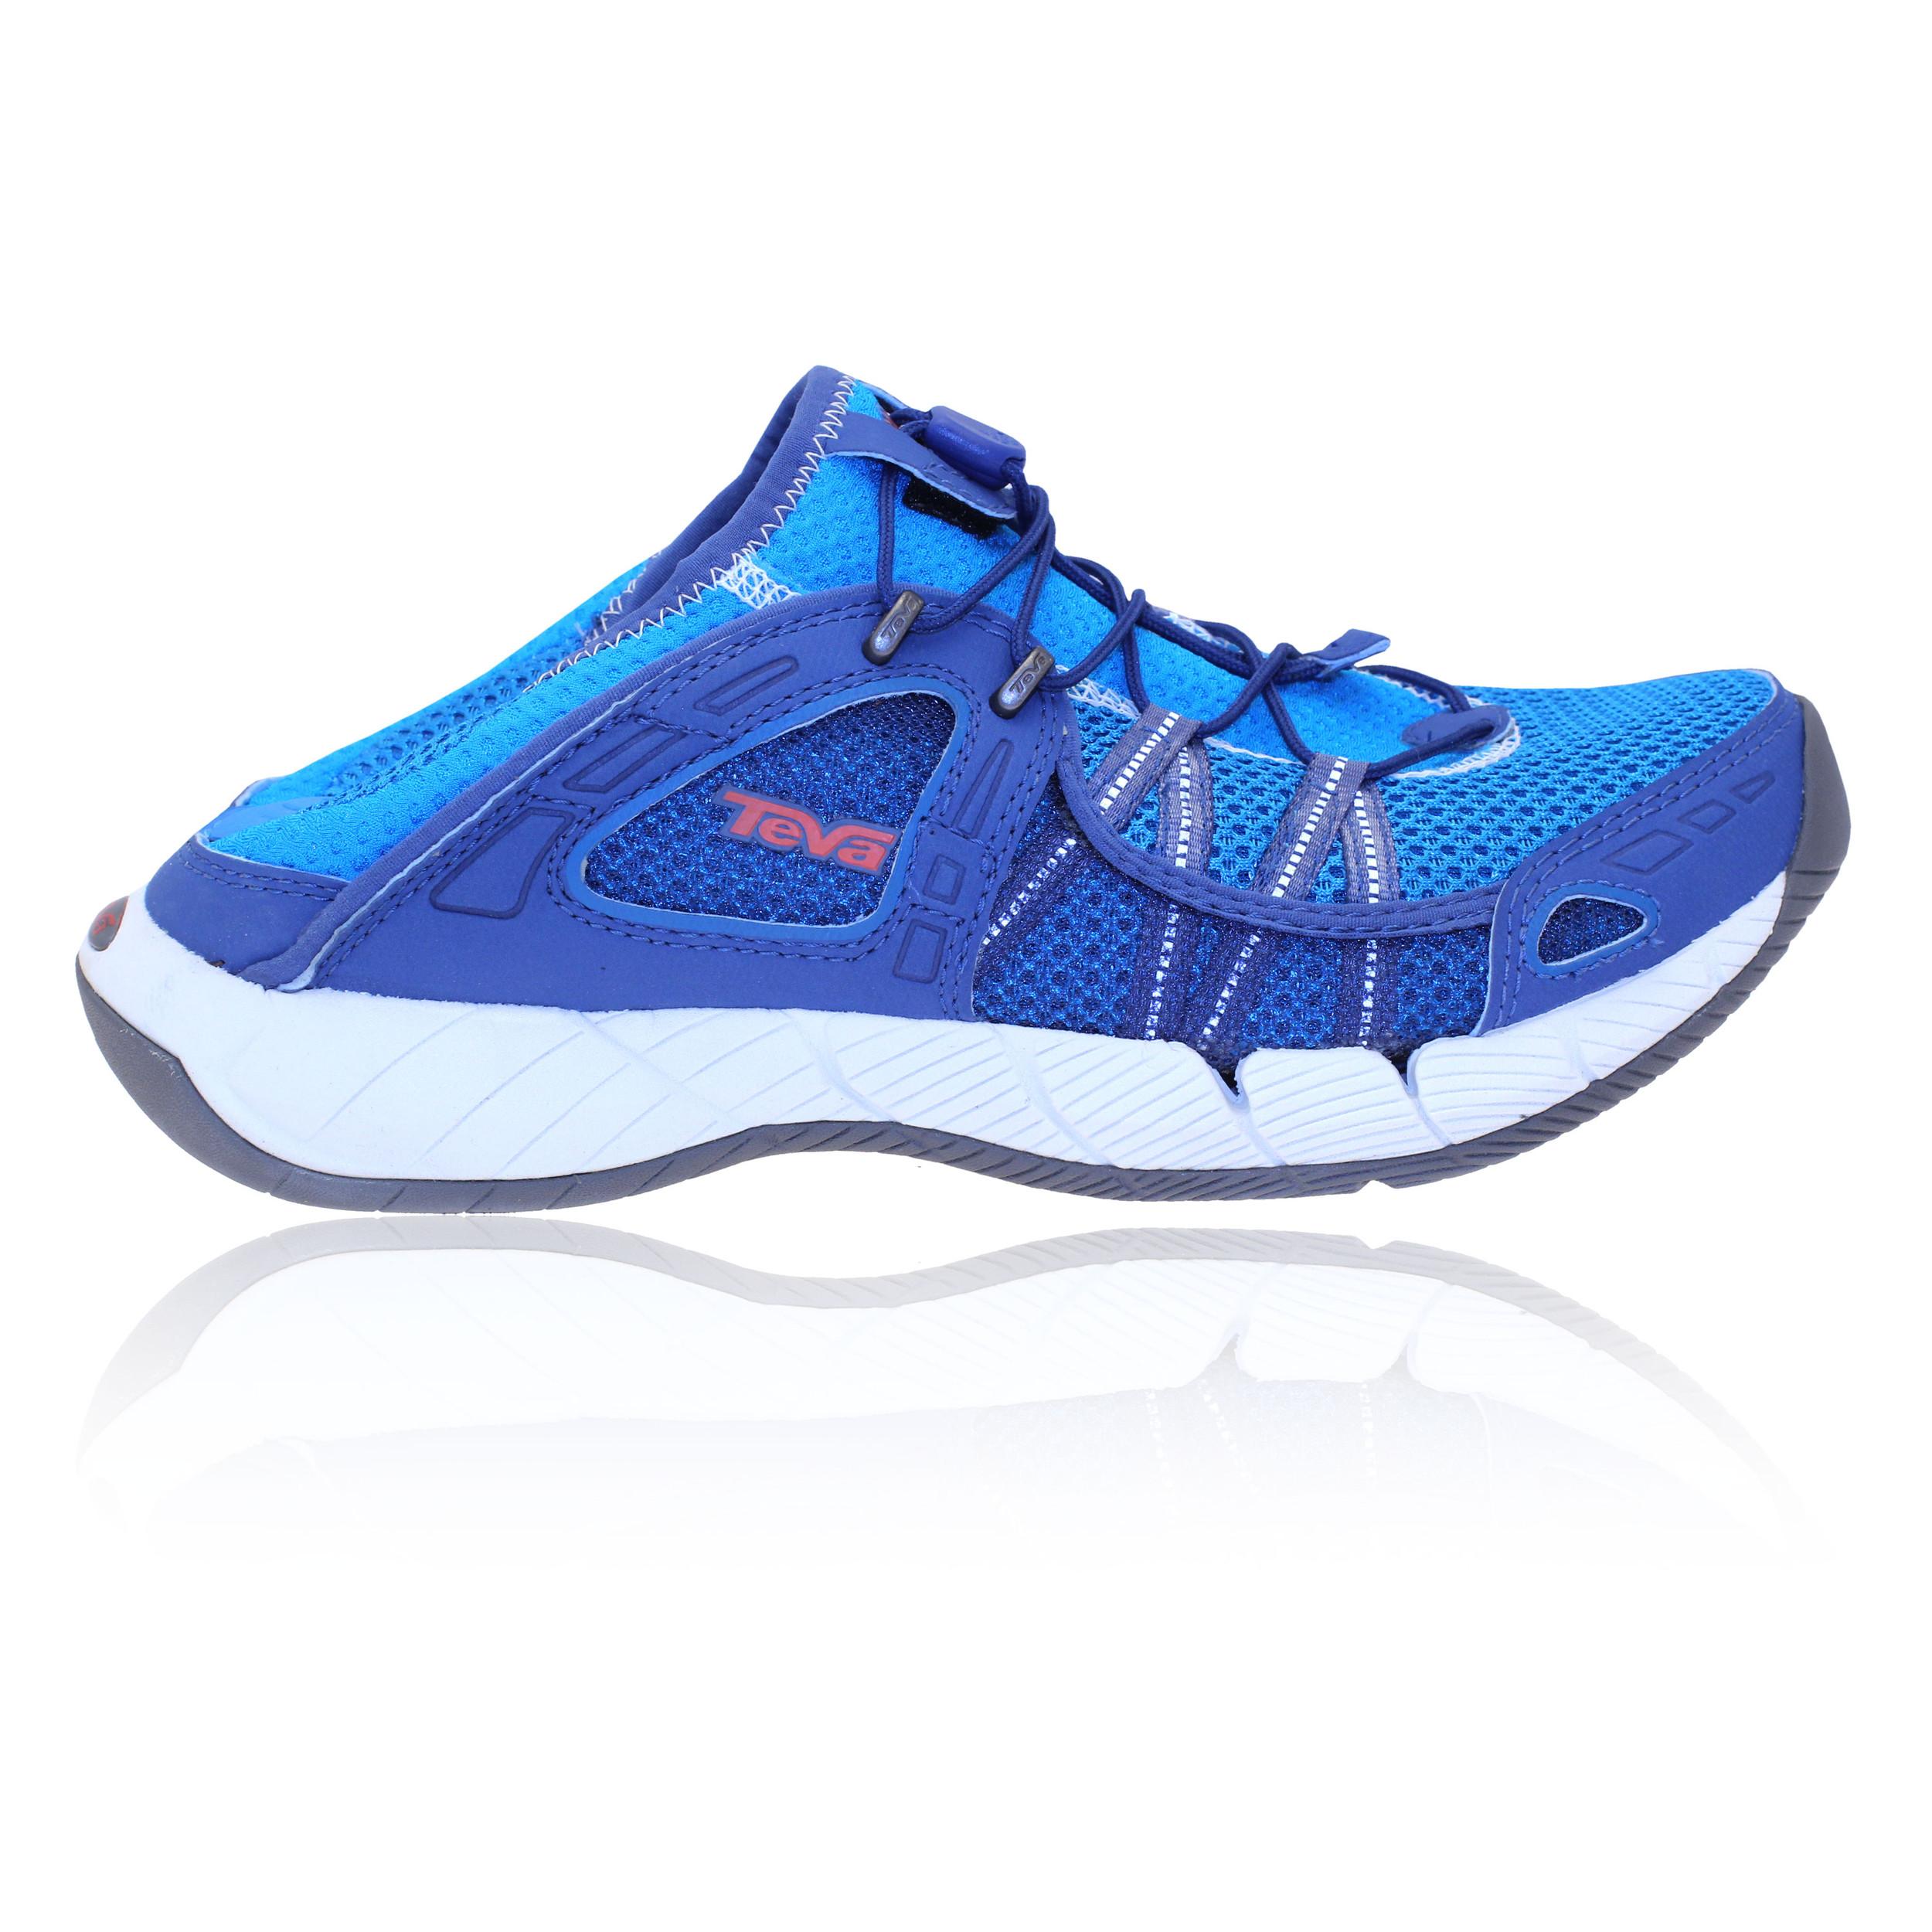 teva churn multi sport shoes 71 sportsshoes